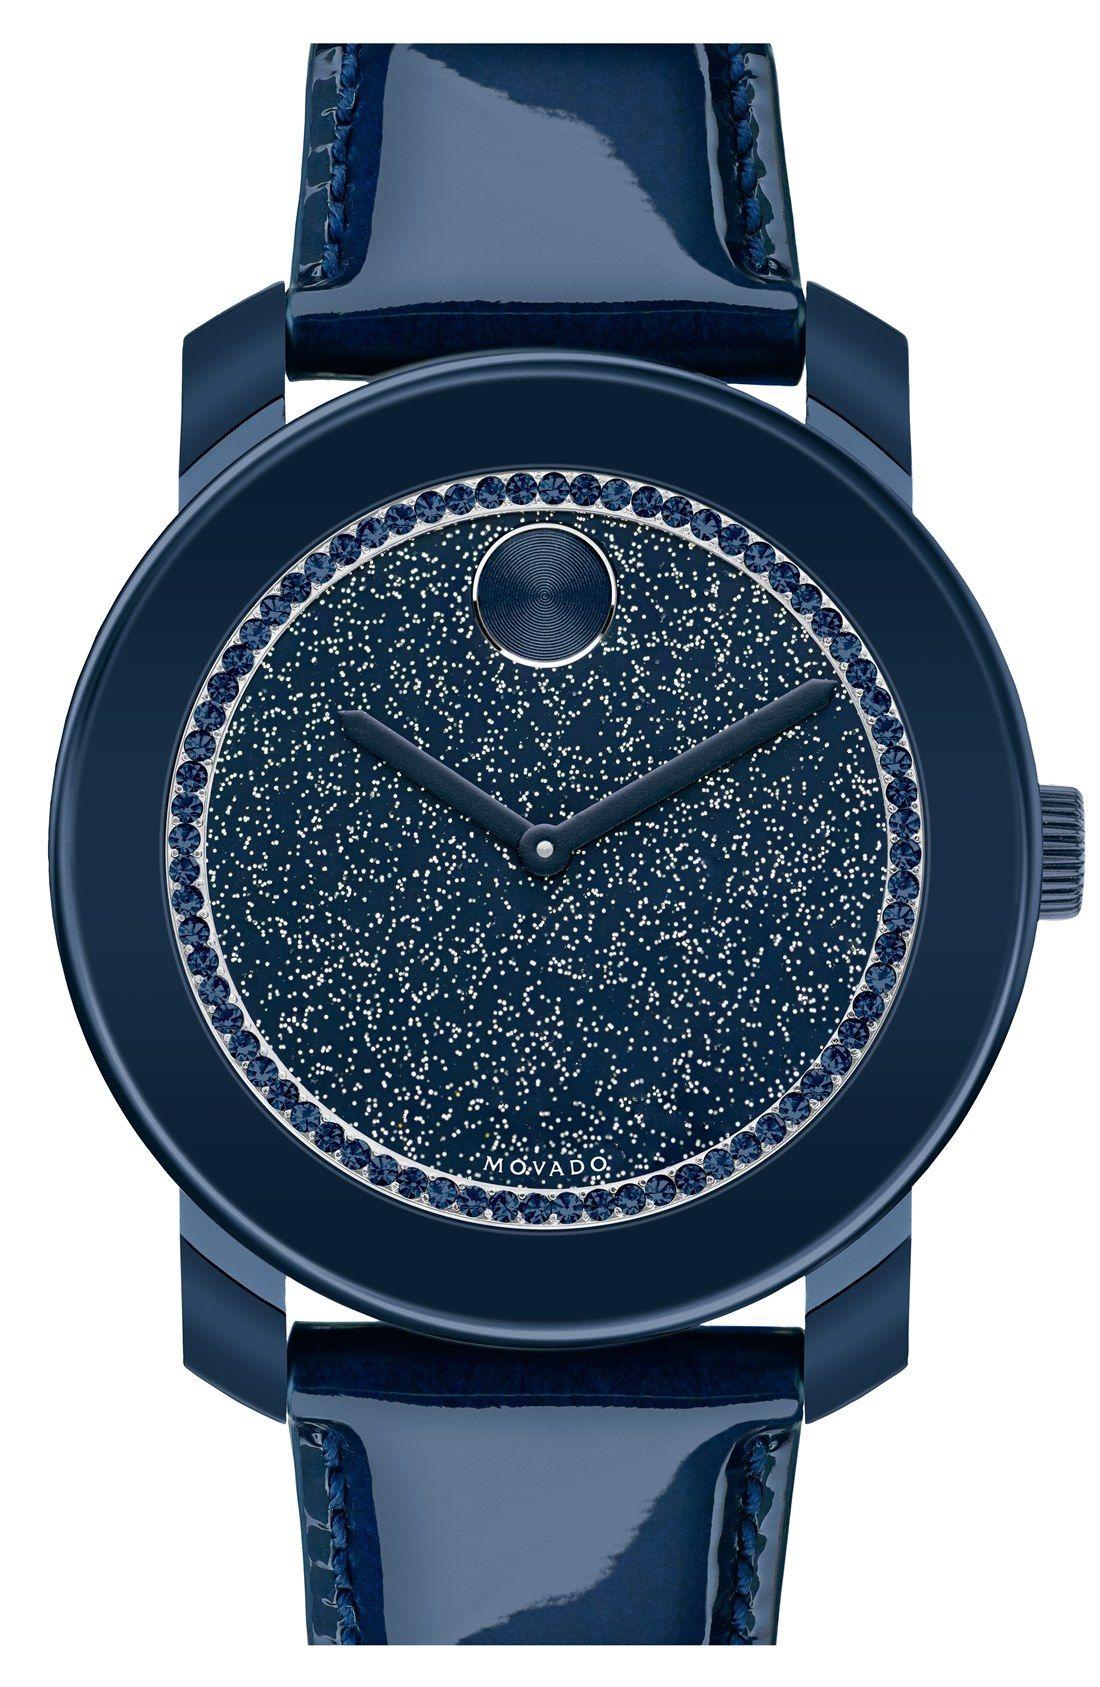 13c339dbc33 Relógios Watches Bijouterias Finas